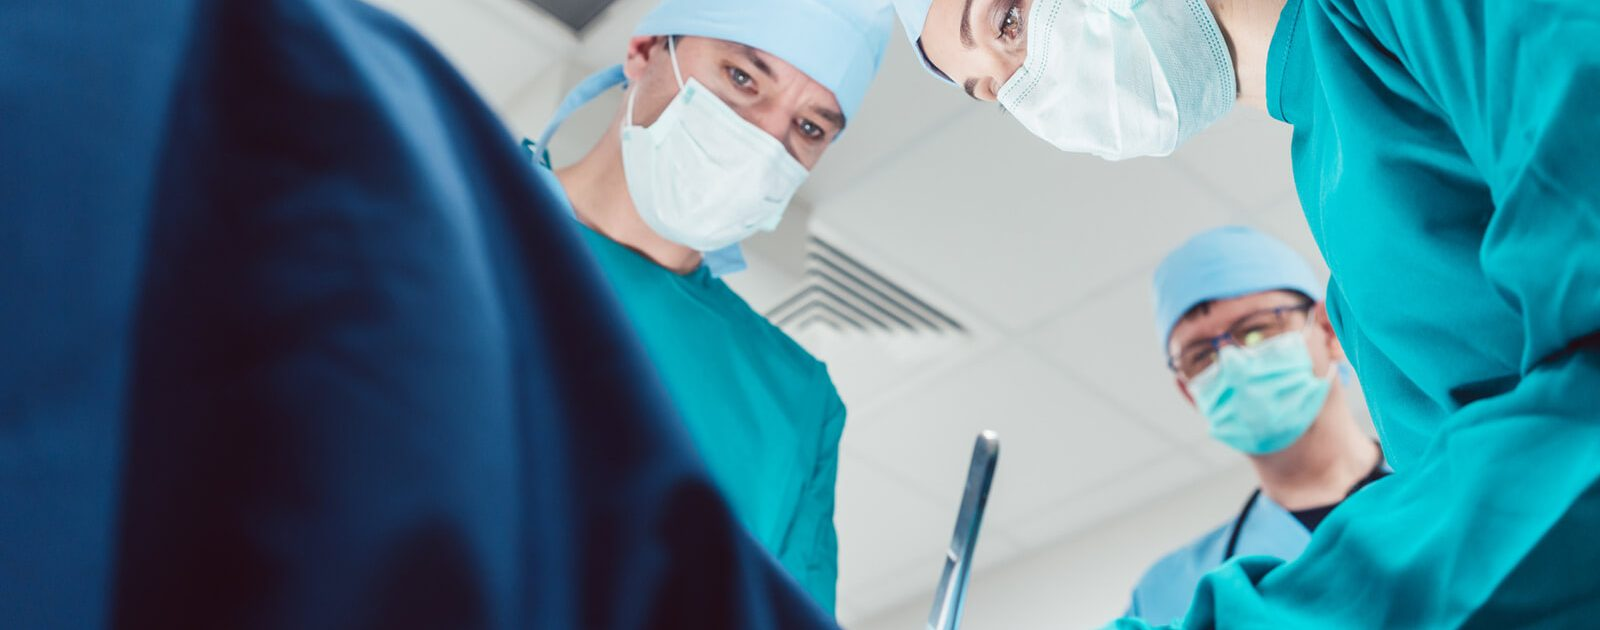 Ärzte führen Hämorrhoiden-OP mit der THD Methode durch.